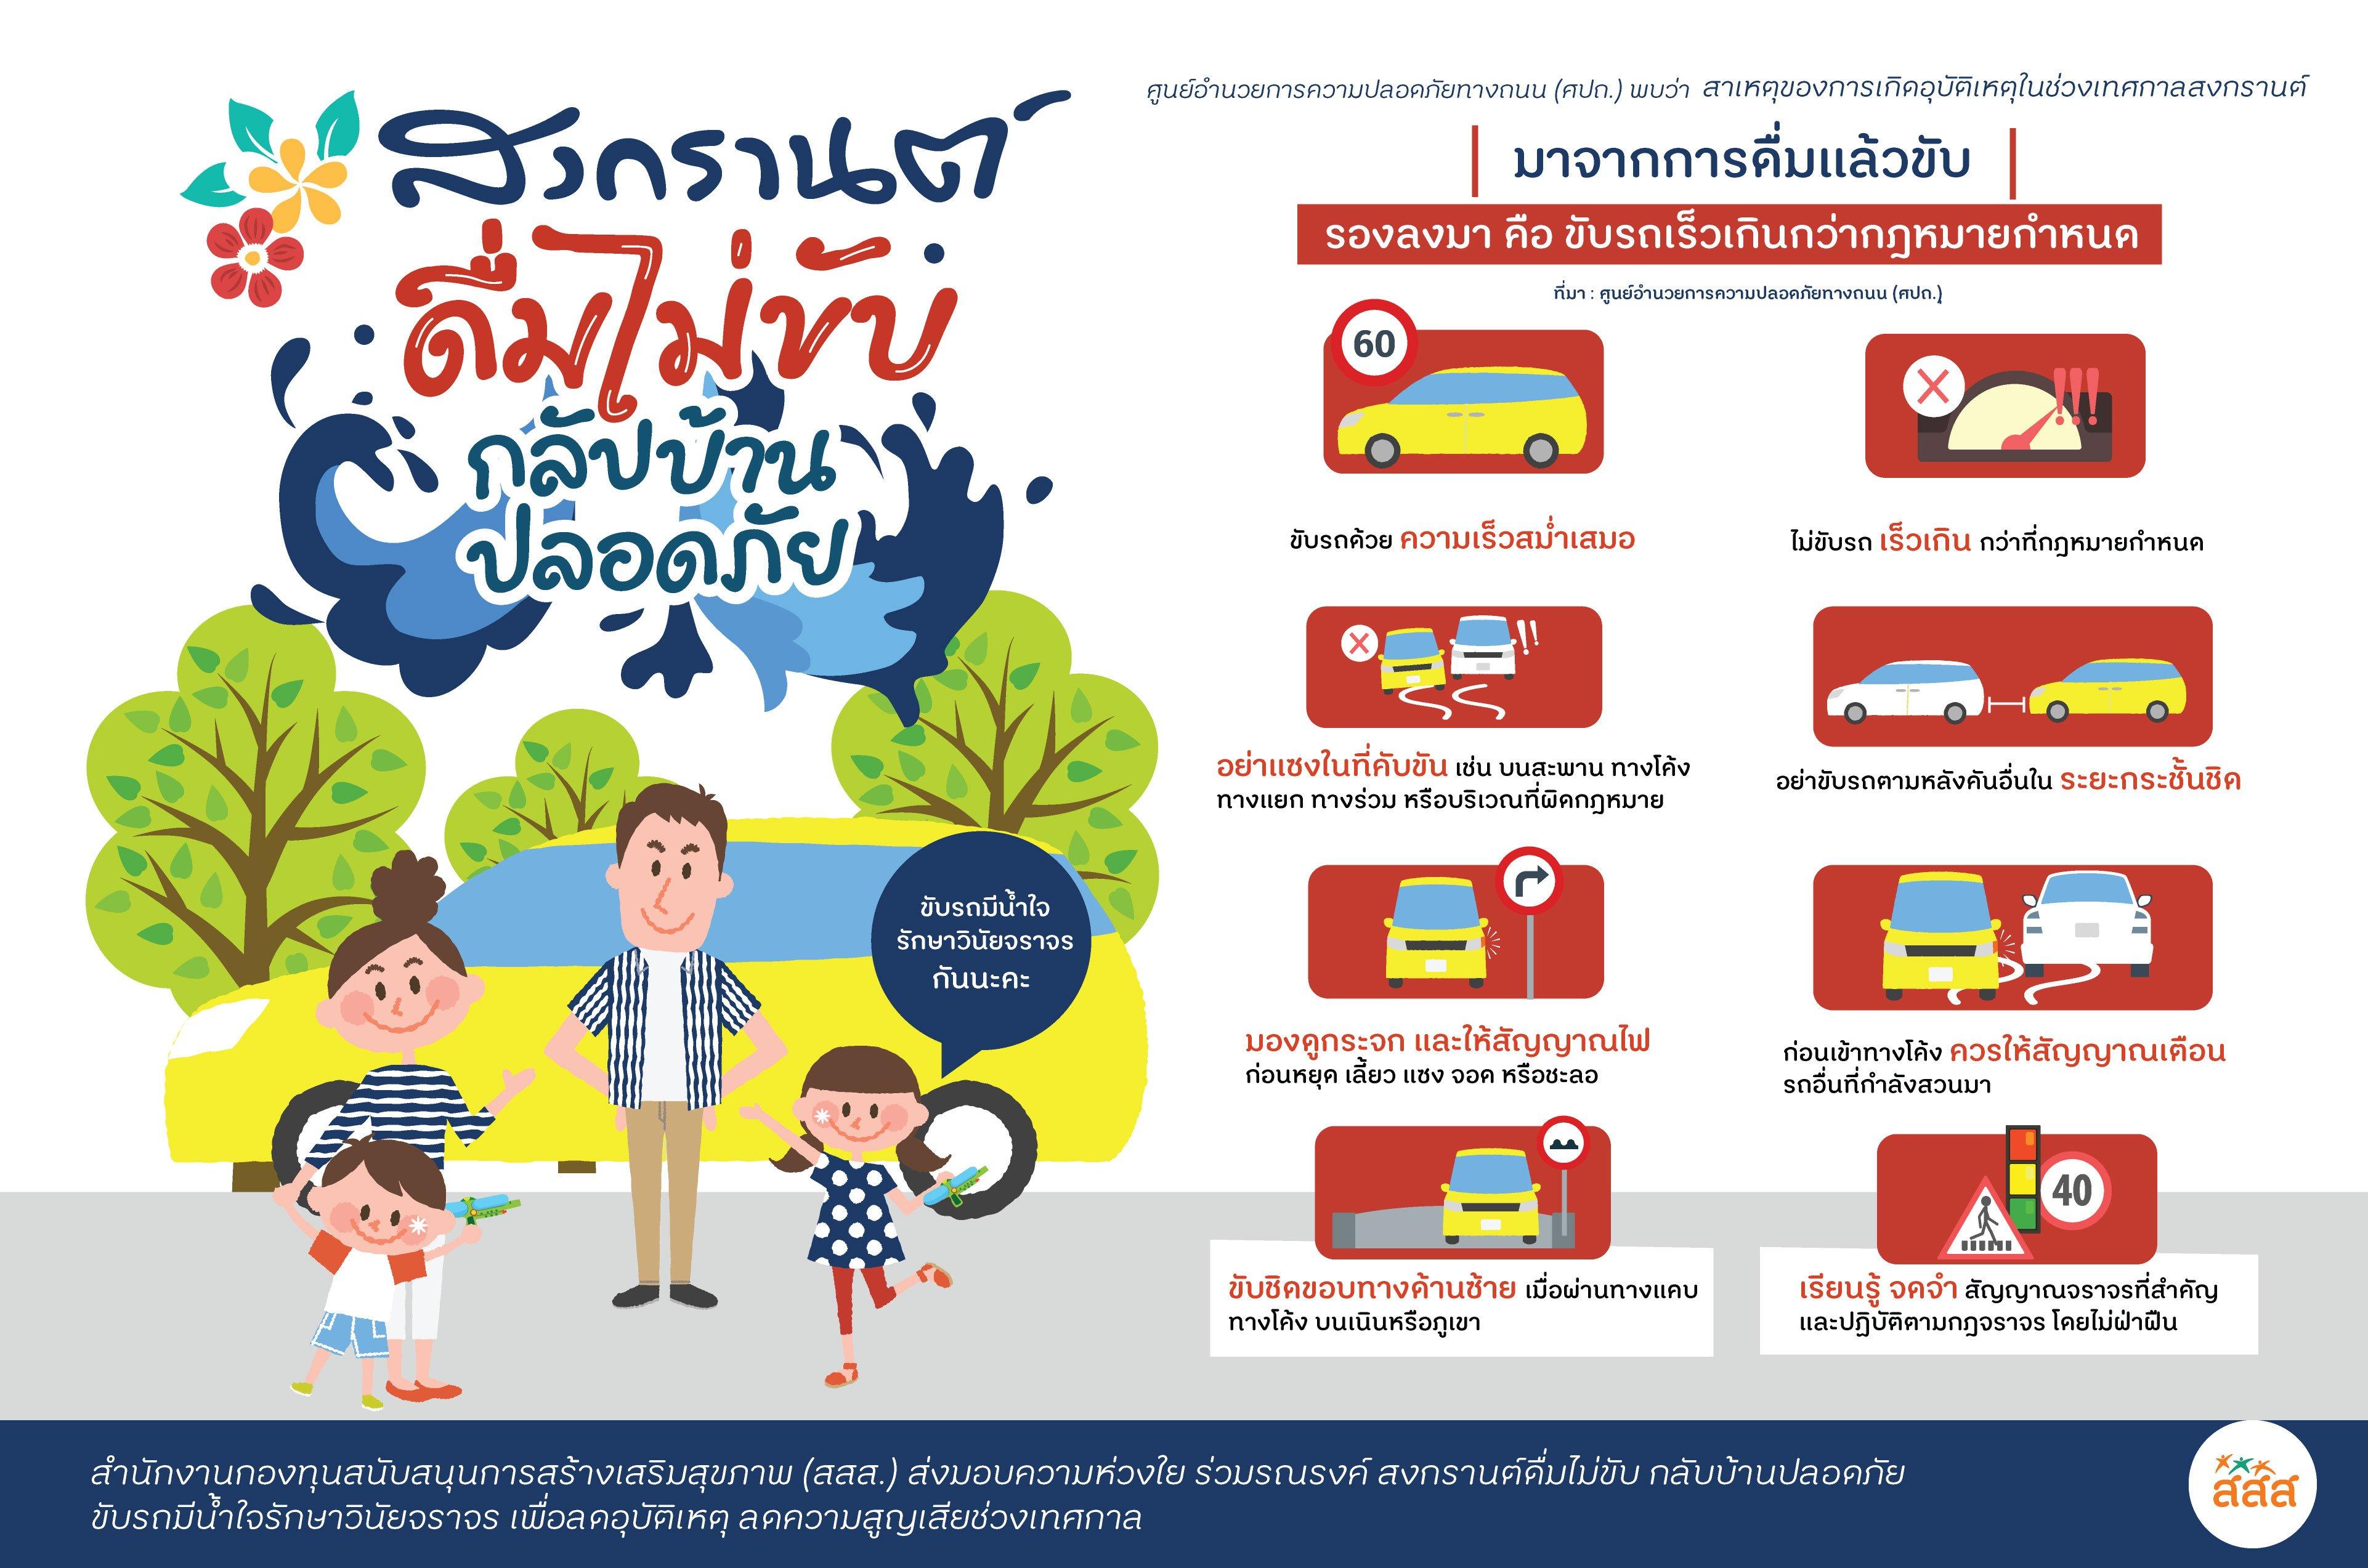 8 วิธีขับขี่ ให้สงกรานต์นี้กลับบ้านปลอดภัย thaihealth